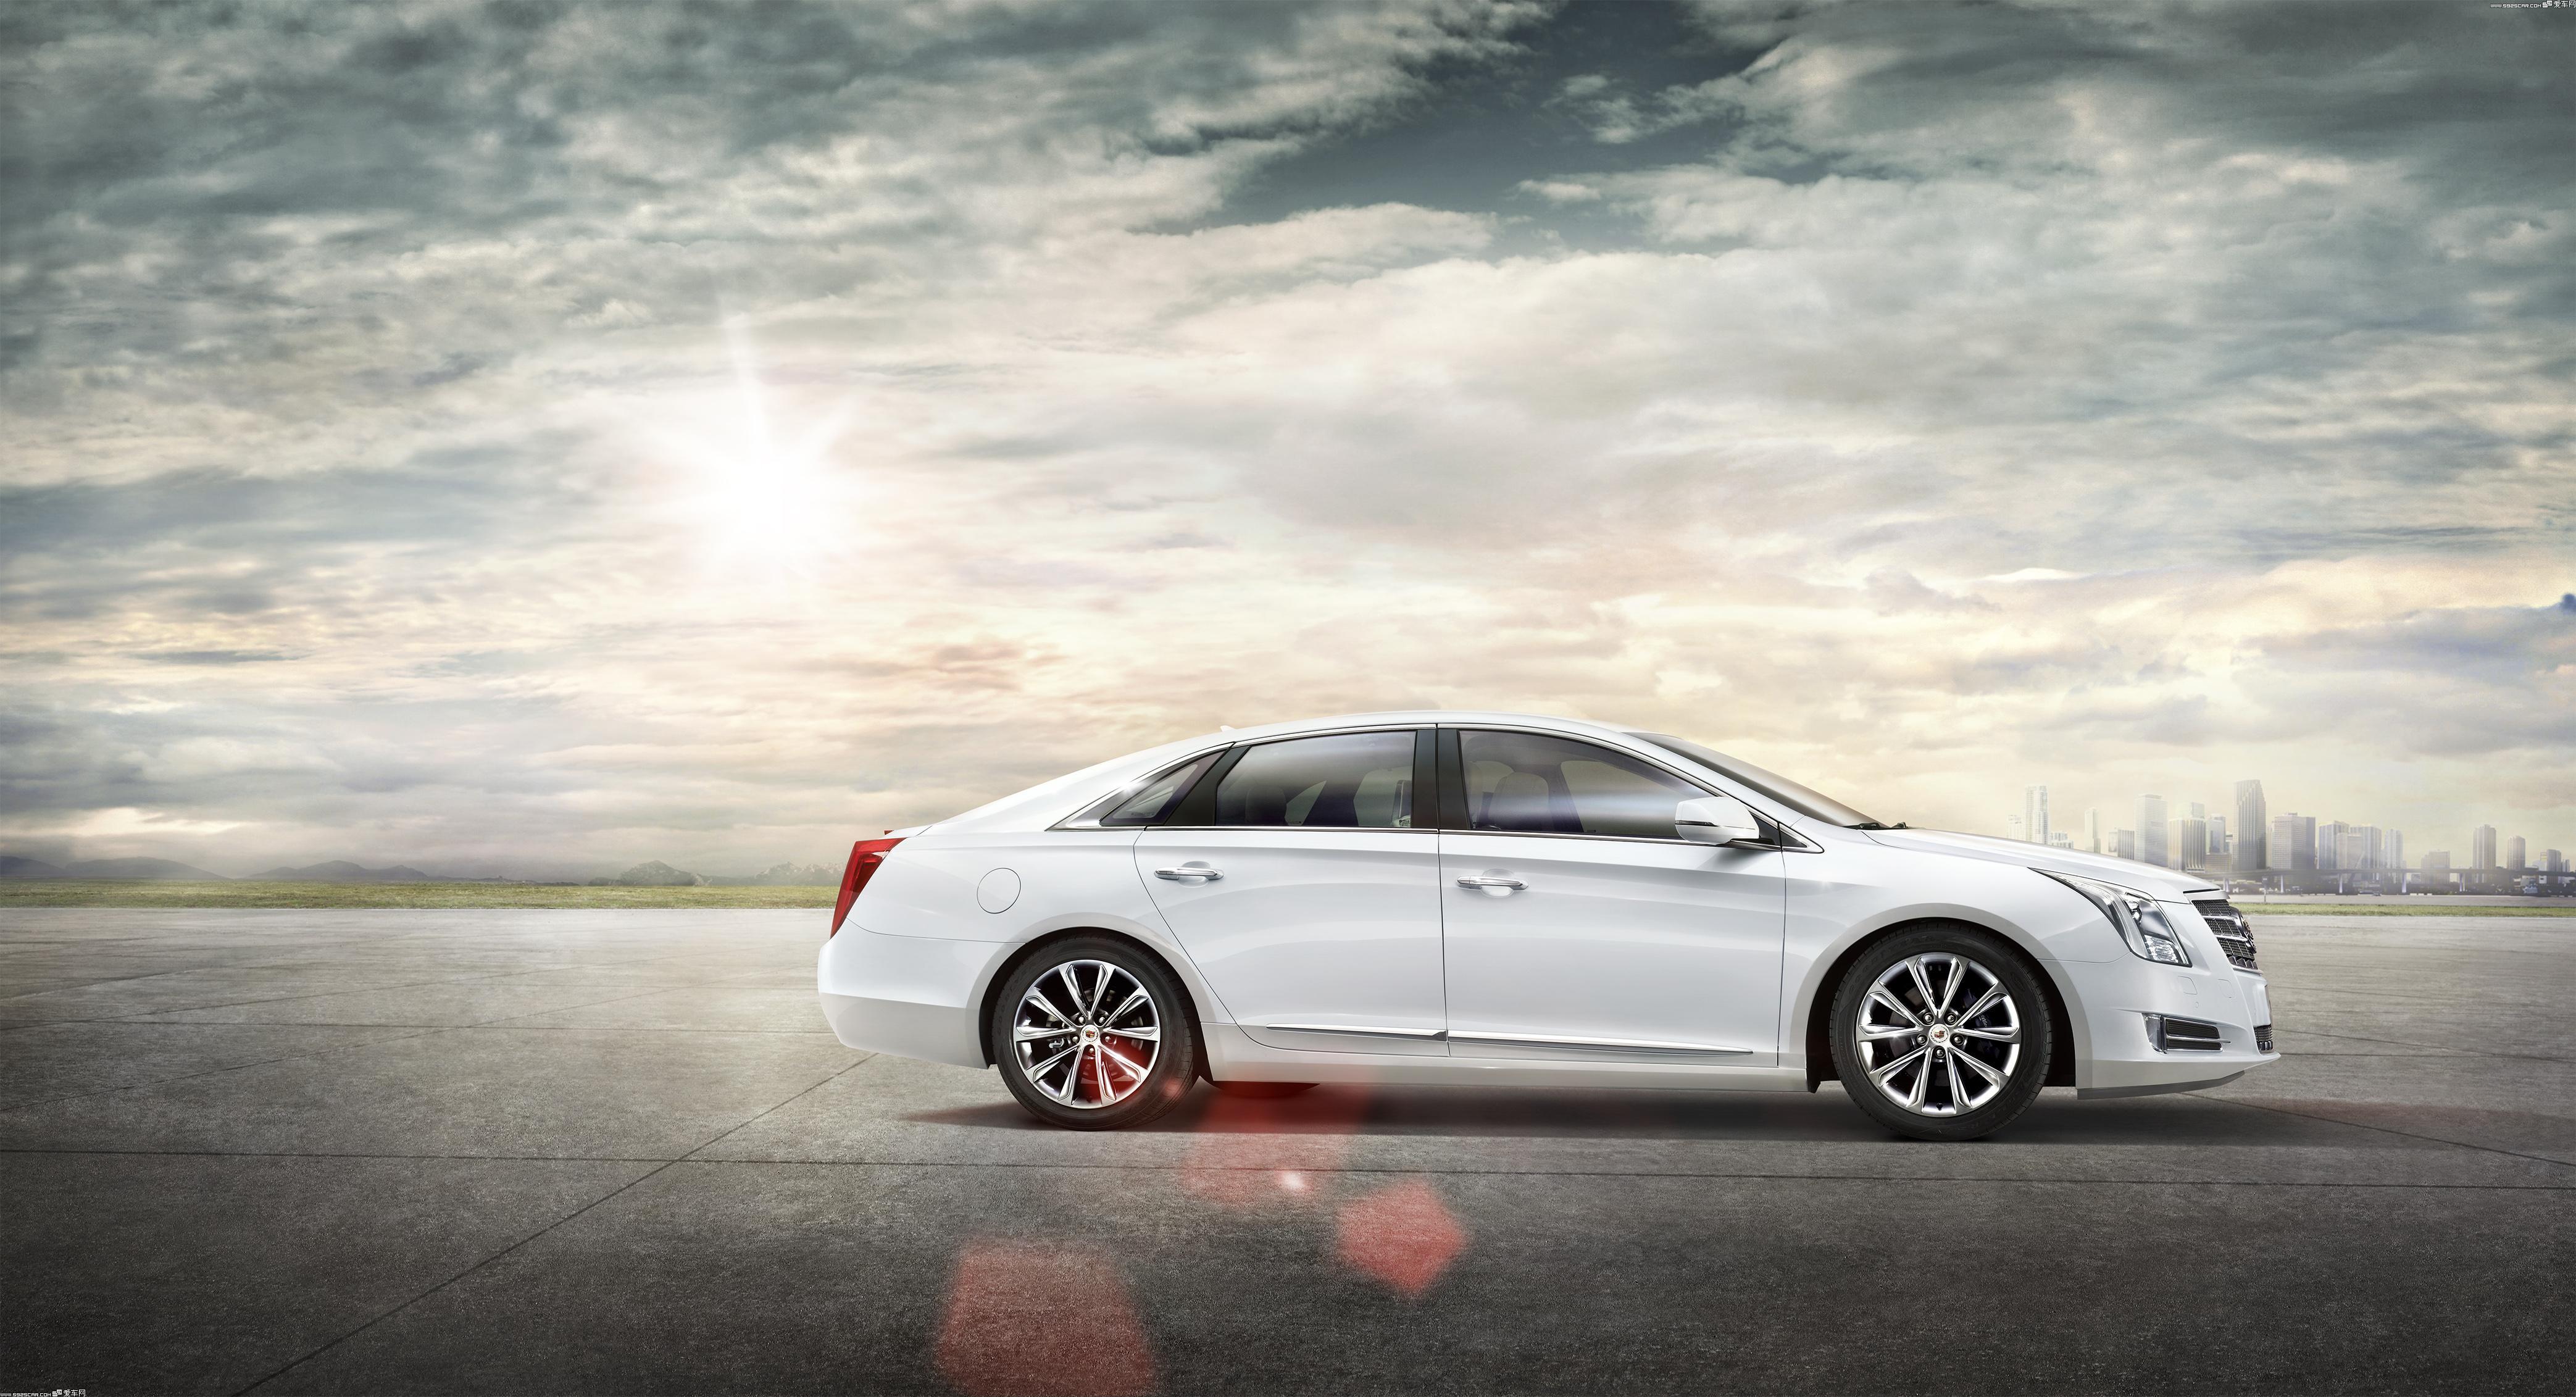 车型将进一步丰富xts产品型谱,增强凯迪拉克xts在35-40万元这高清图片